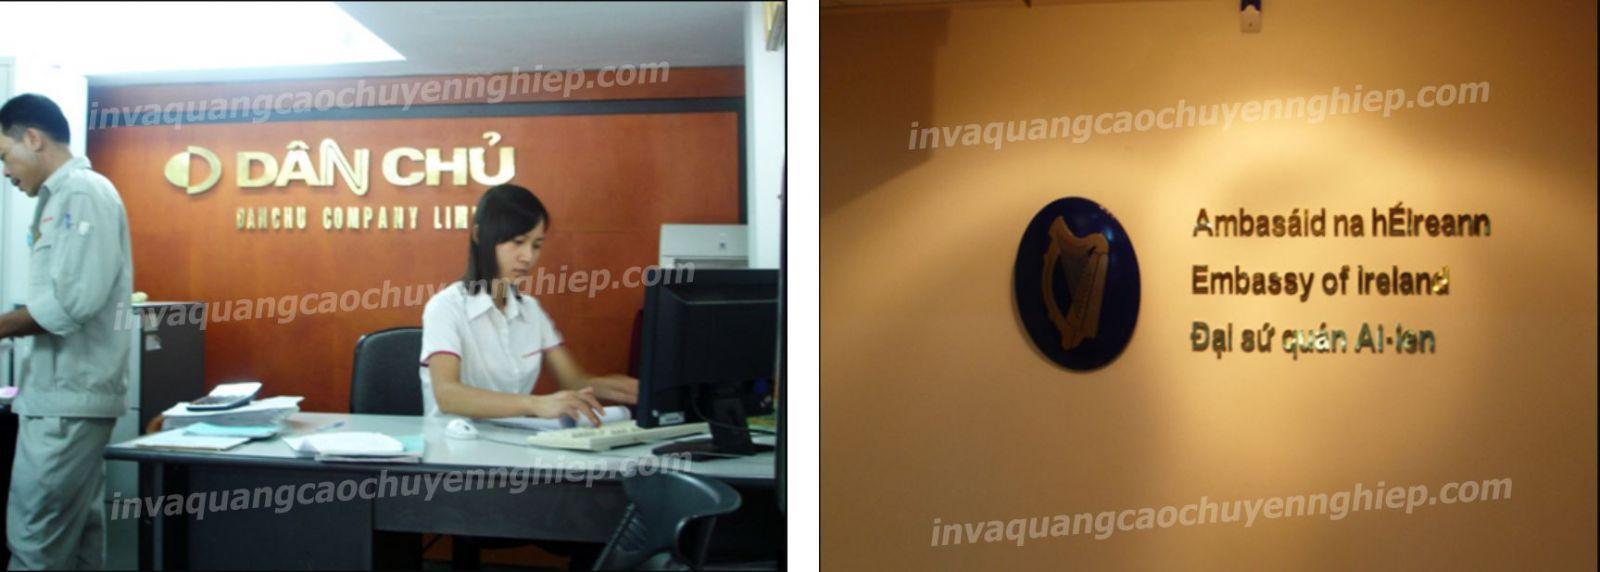 Làm biển lễ tân, logo backdrop văn phòng bằng đồng